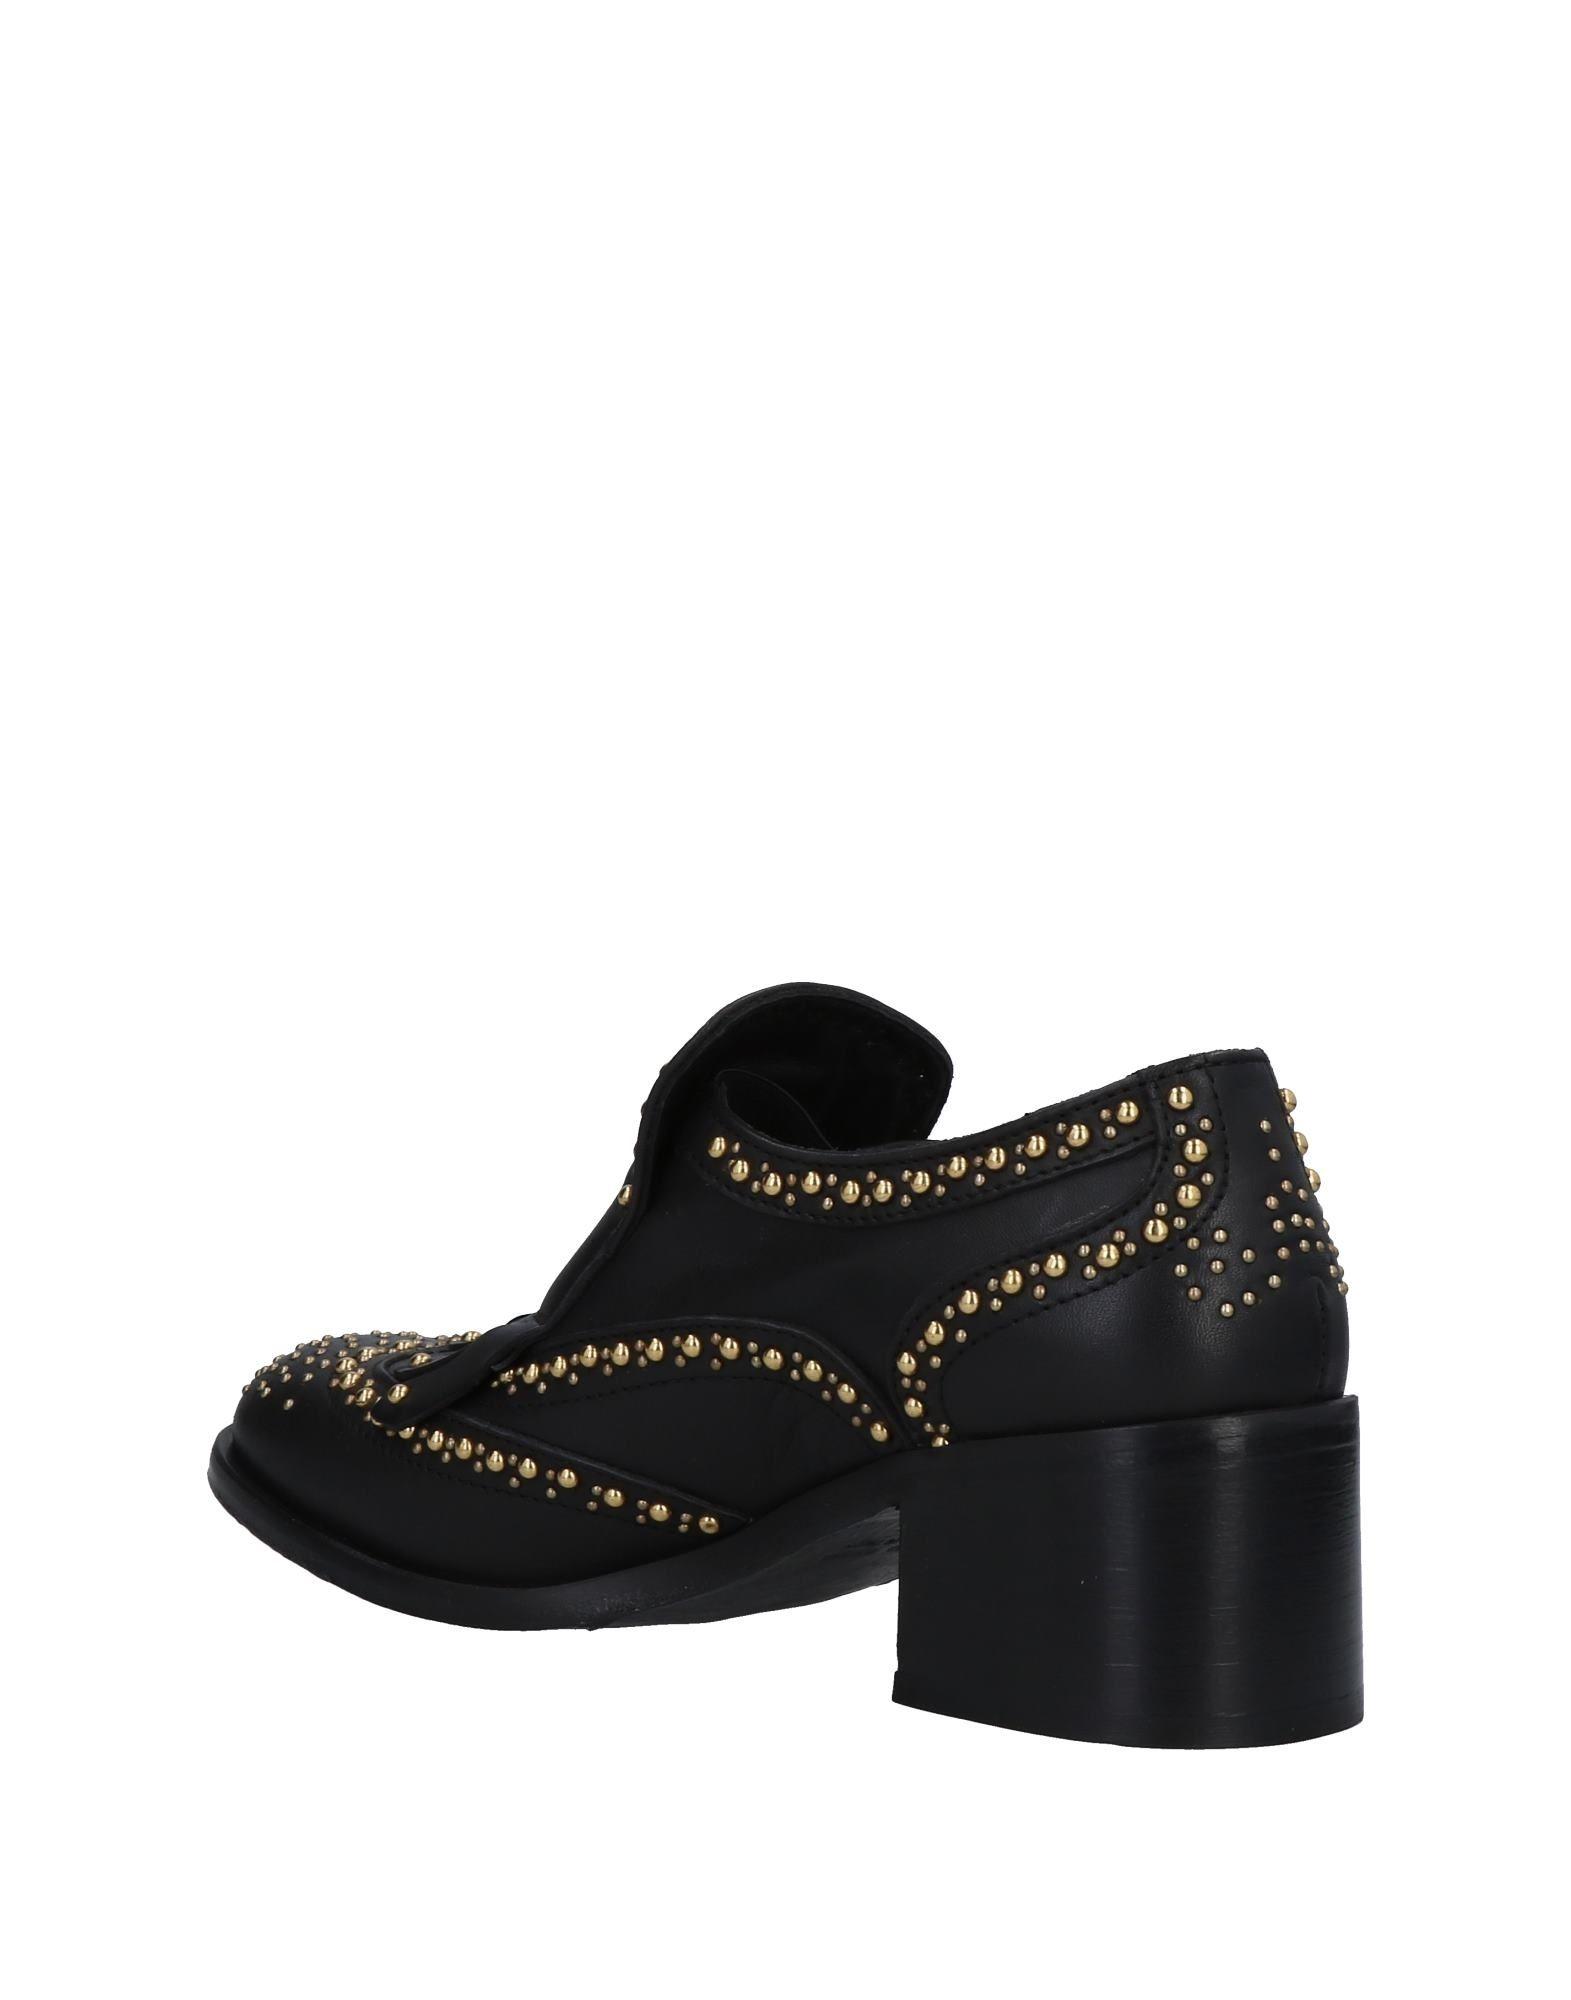 ... Lemaré Mokassins Damen Qualität 11483688CU Gute Qualität Damen beliebte  Schuhe a1536c ... 4e486abc36